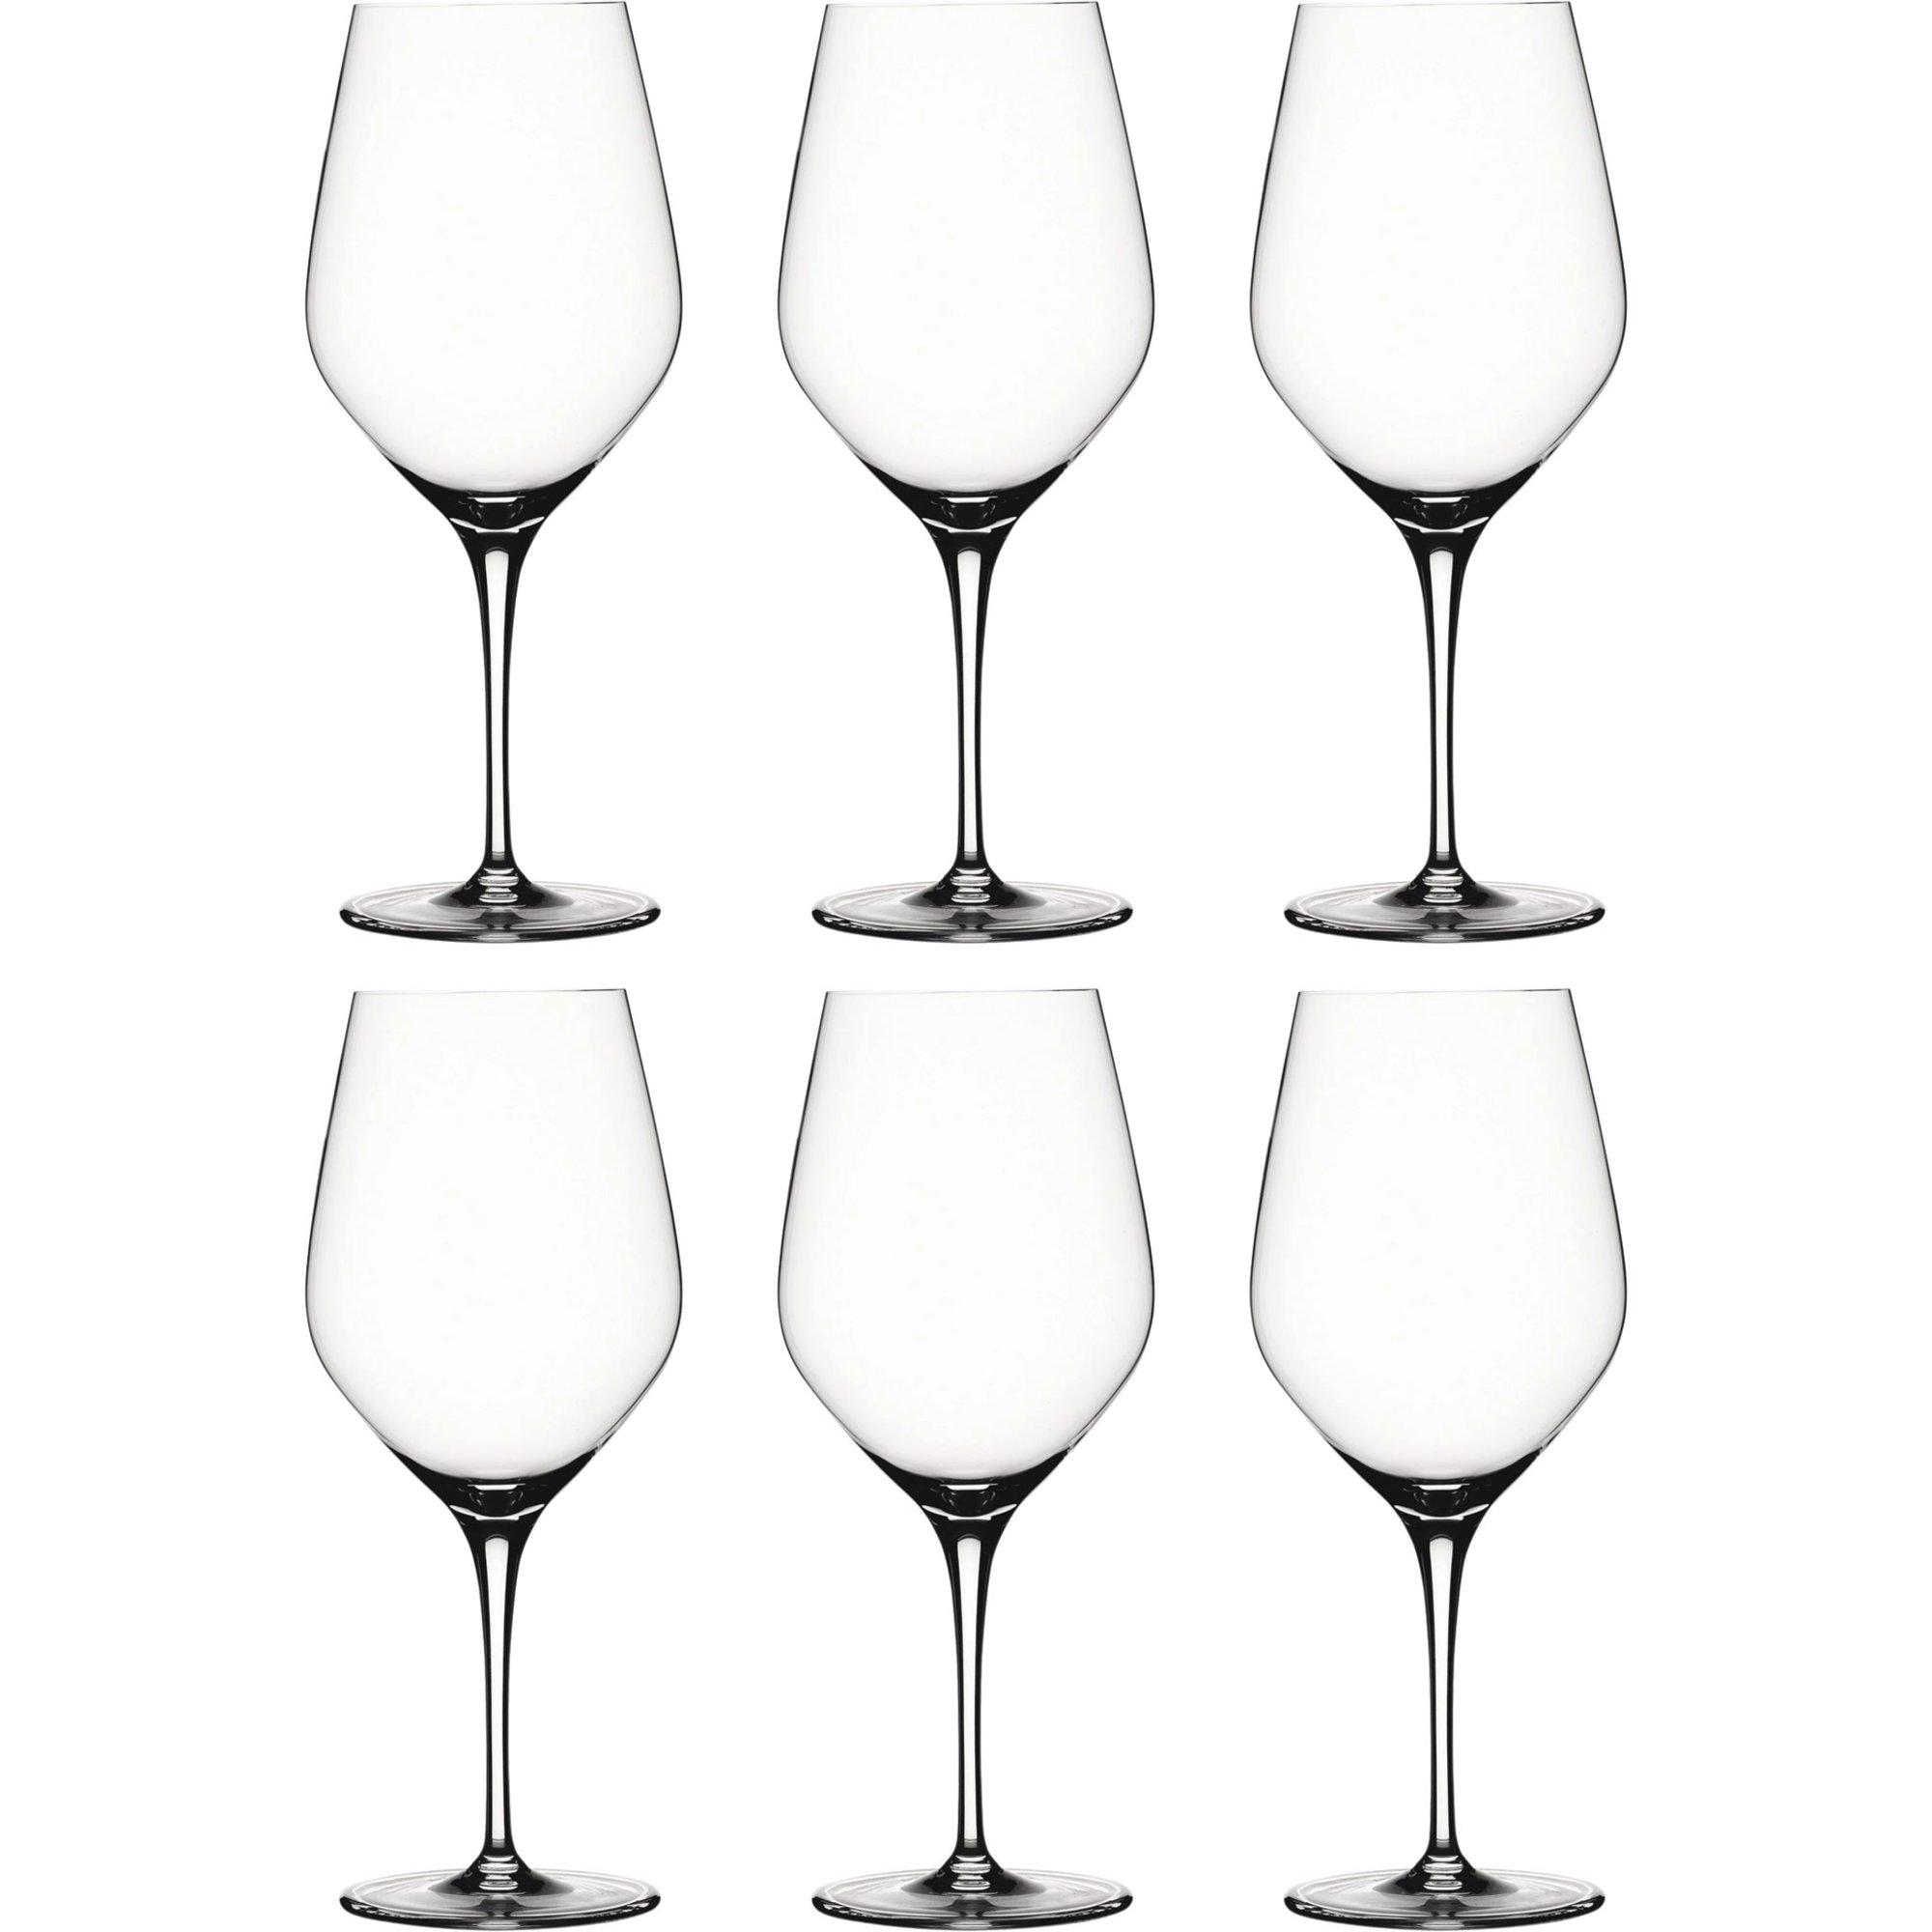 Spiegelau Spritz Glas 65cl 6-pak